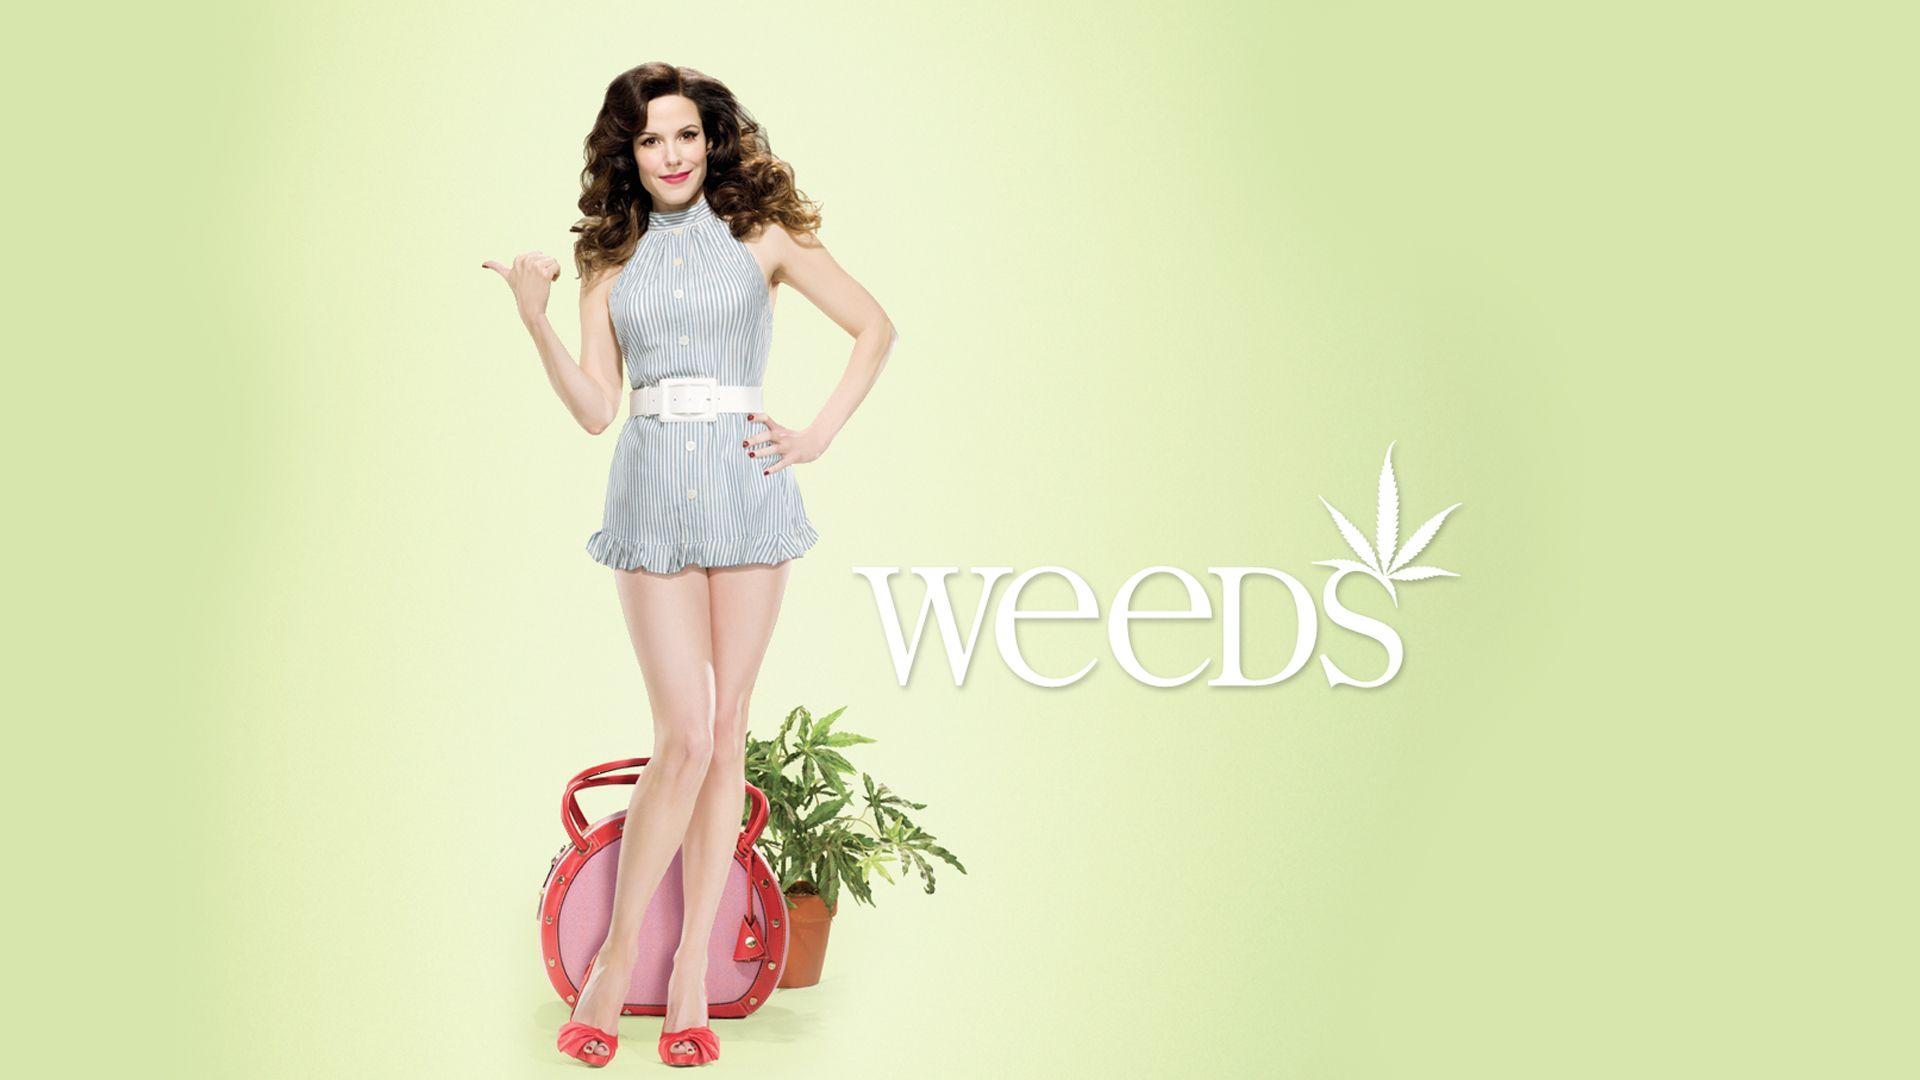 #Weeds #Wallpaper